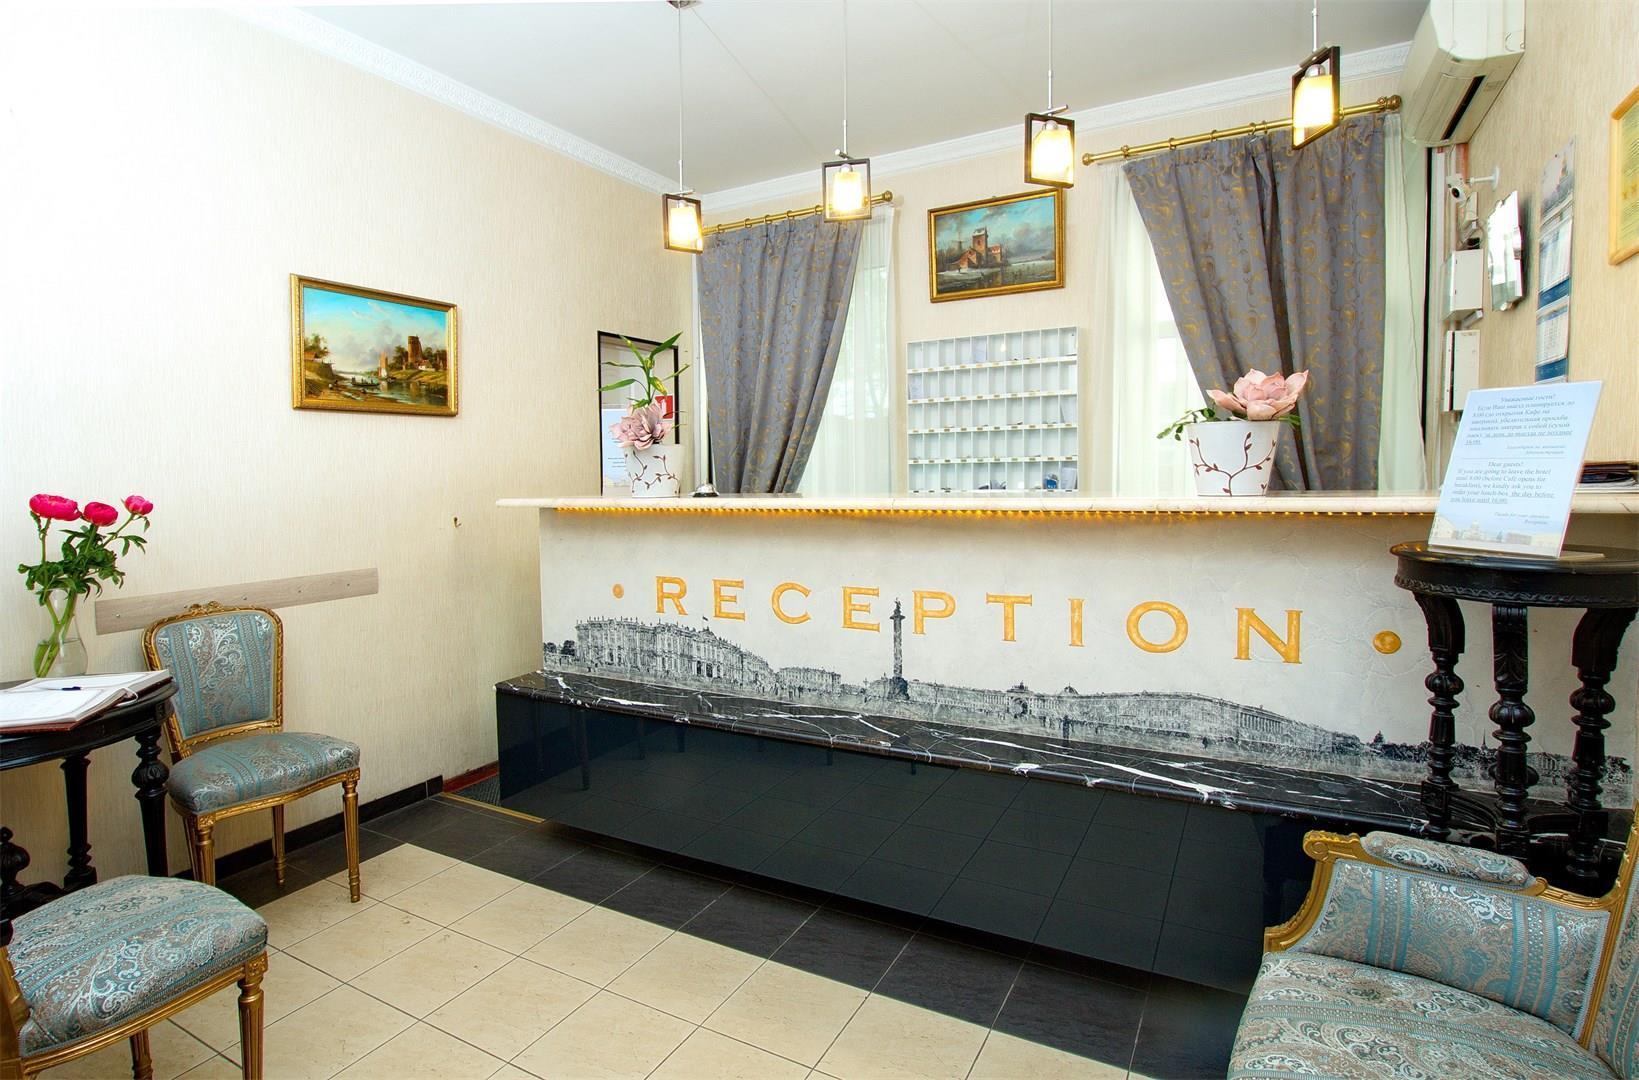 Nevsky_Aster_Reception.jpg